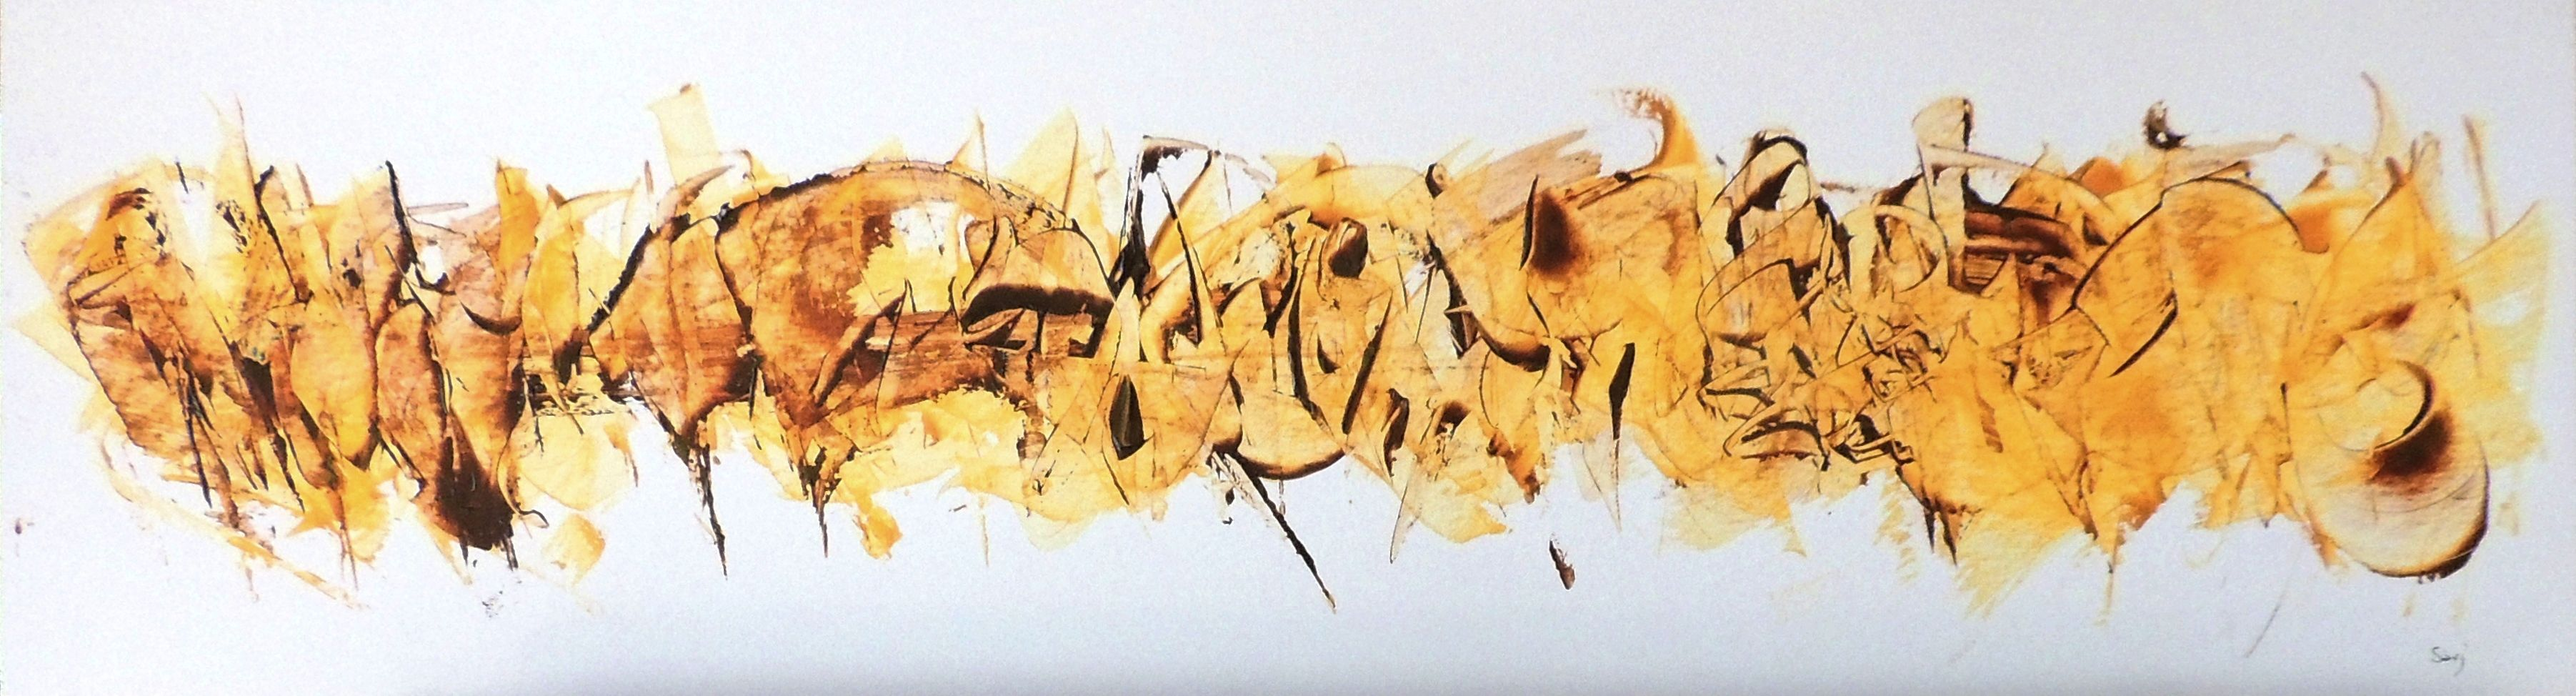 jean claude savi peinture acrylique sur papier 6